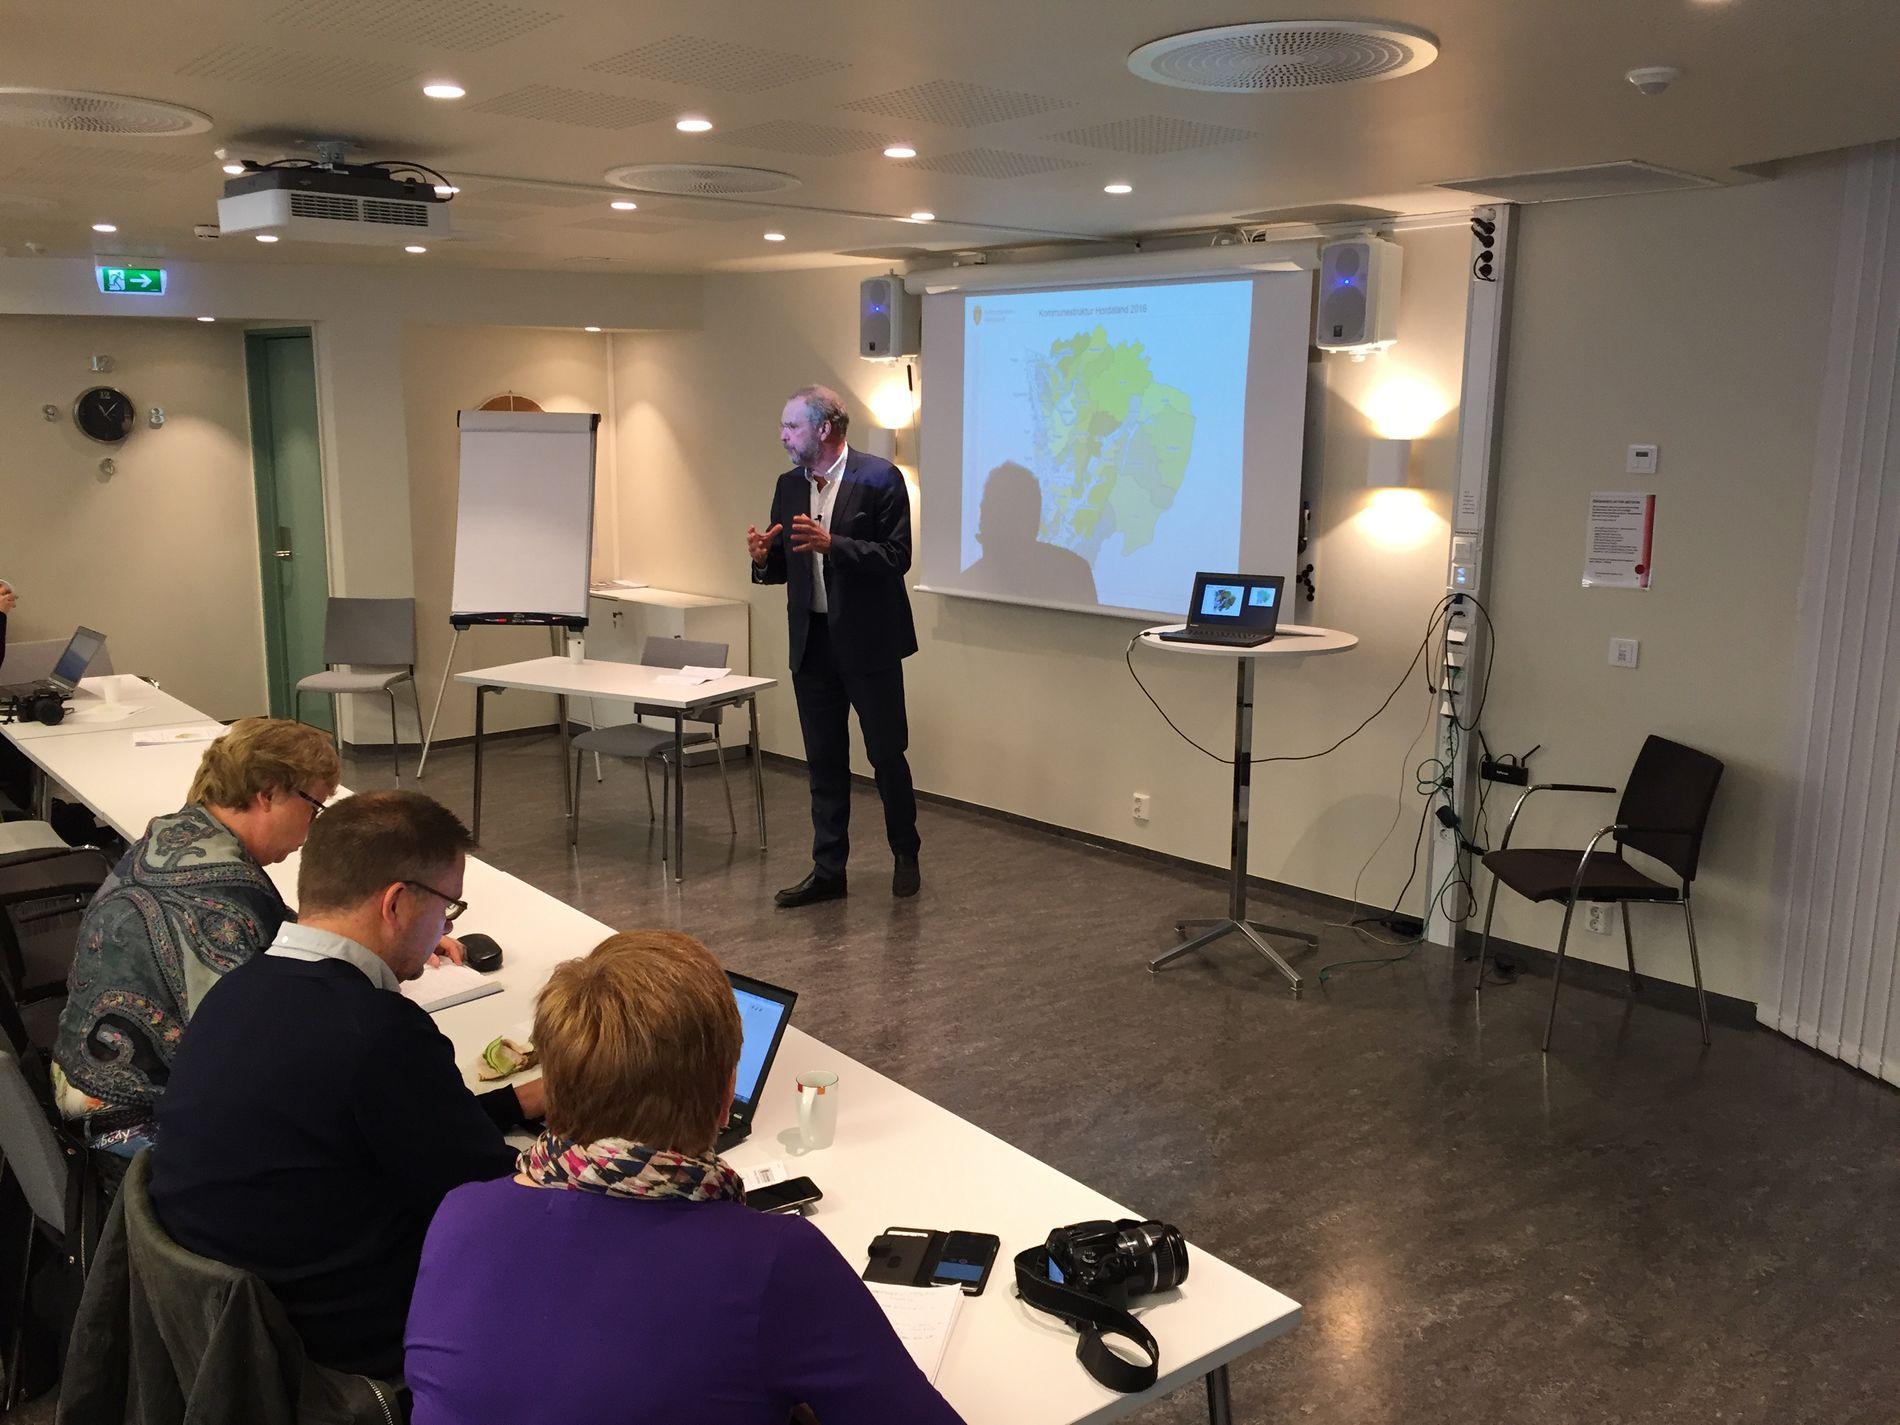 PRESENTASJON: Fylkesmann Lars Sponheim legger frem sine råd på en pressekonferanse fredag.